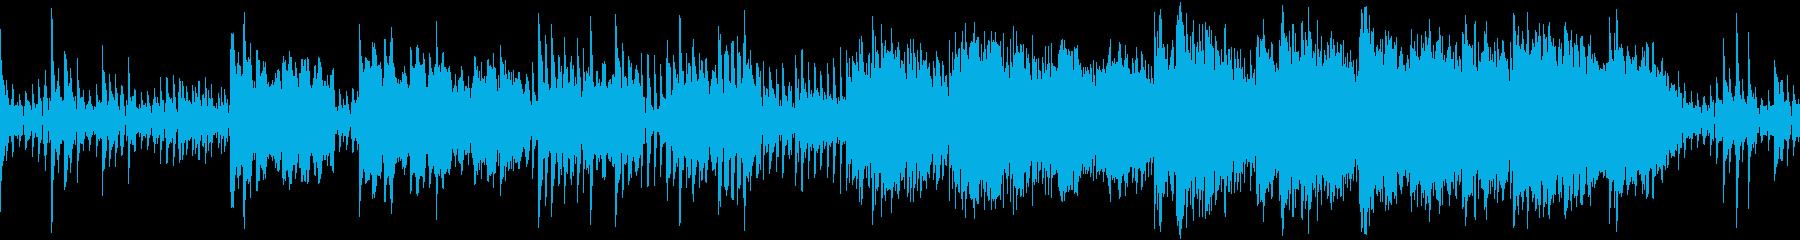 ダークで緊張感のあるホラーサウンドの再生済みの波形